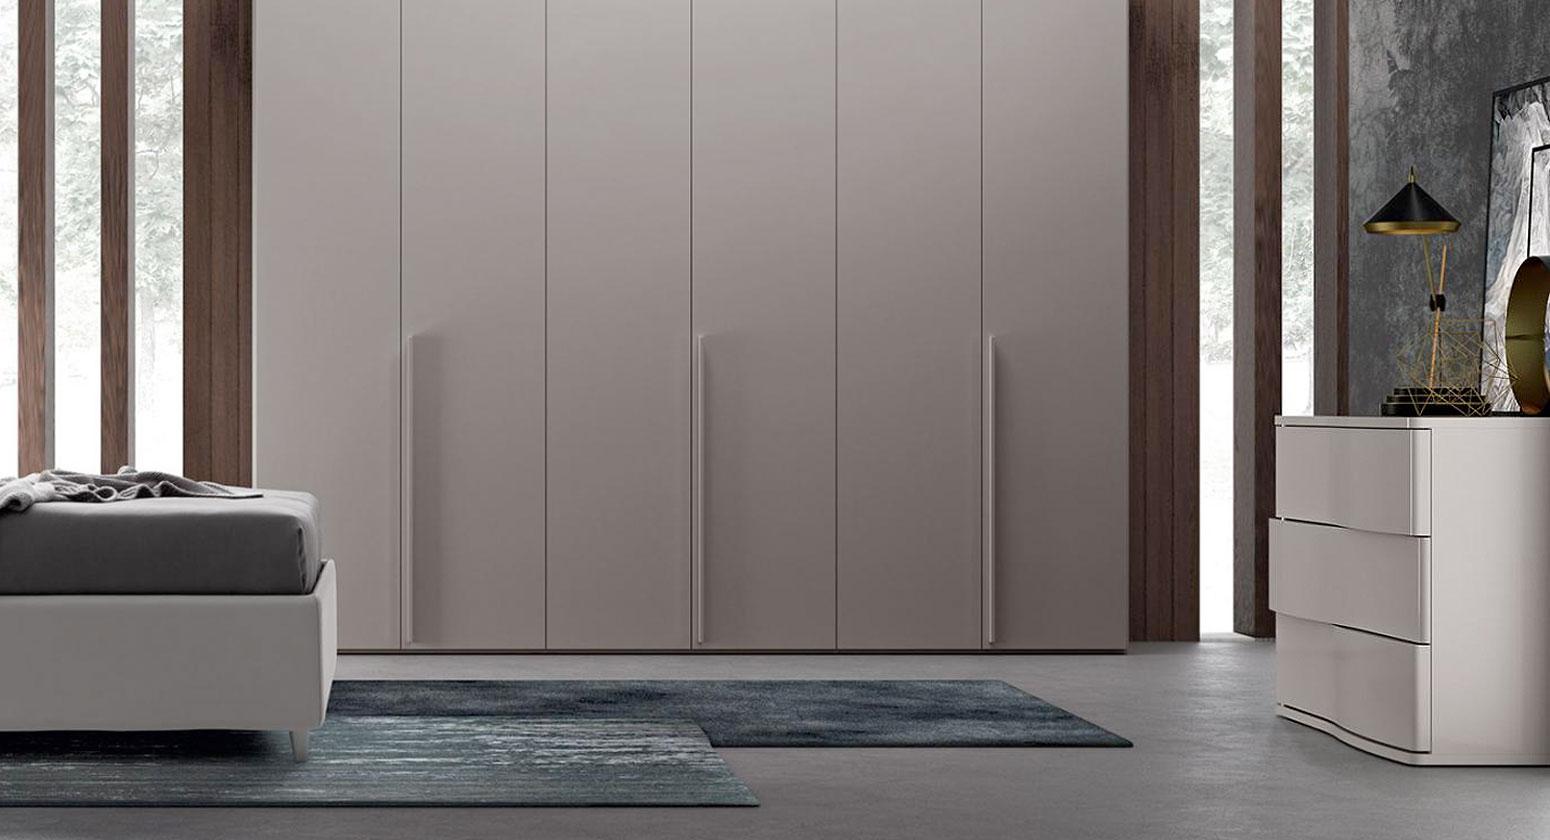 Gioia grigio dorian lux camera colombini - Di gioia mobili ...